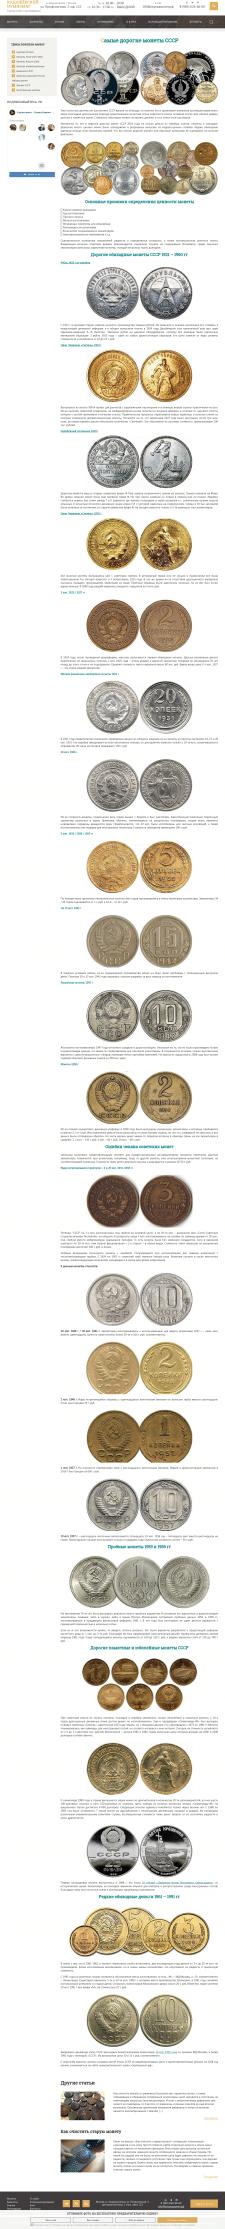 Статья для сайта скупщика монет